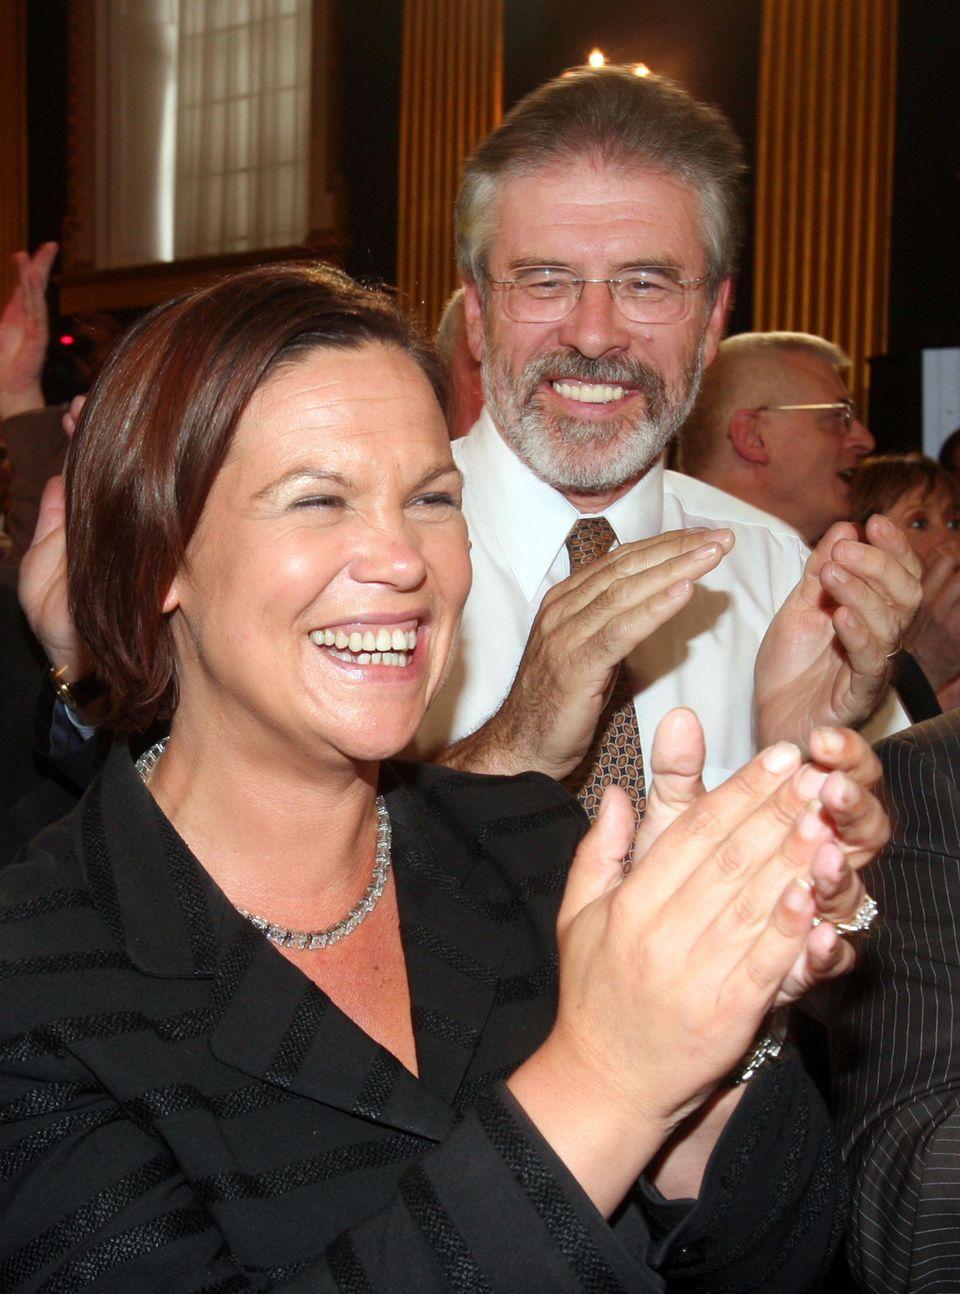 Sinn Fein leader Mary Lou McDonald with former leader Gerry